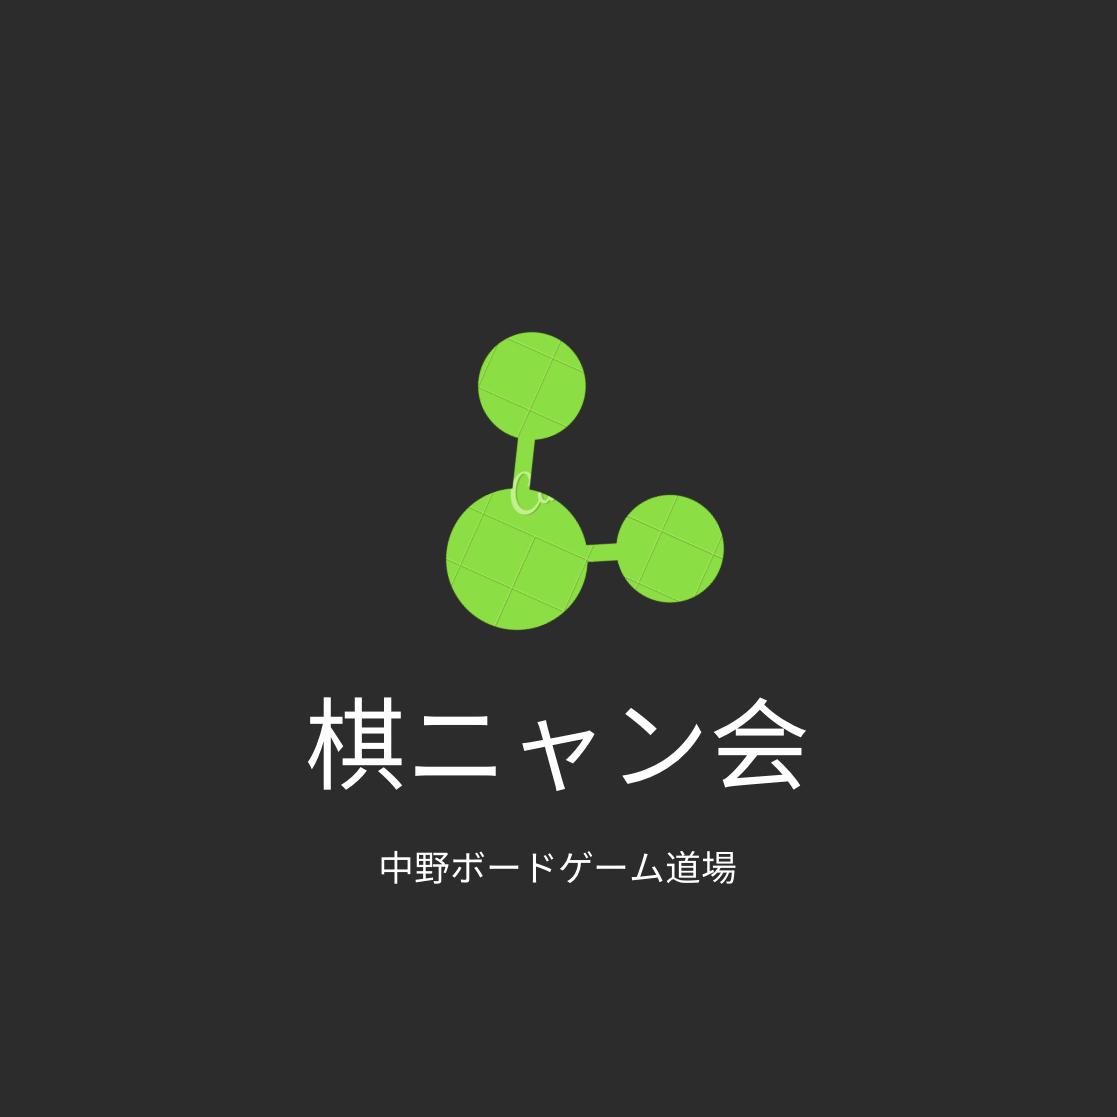 ボードゲーム道場(ボードゲーム ドウジョウ)